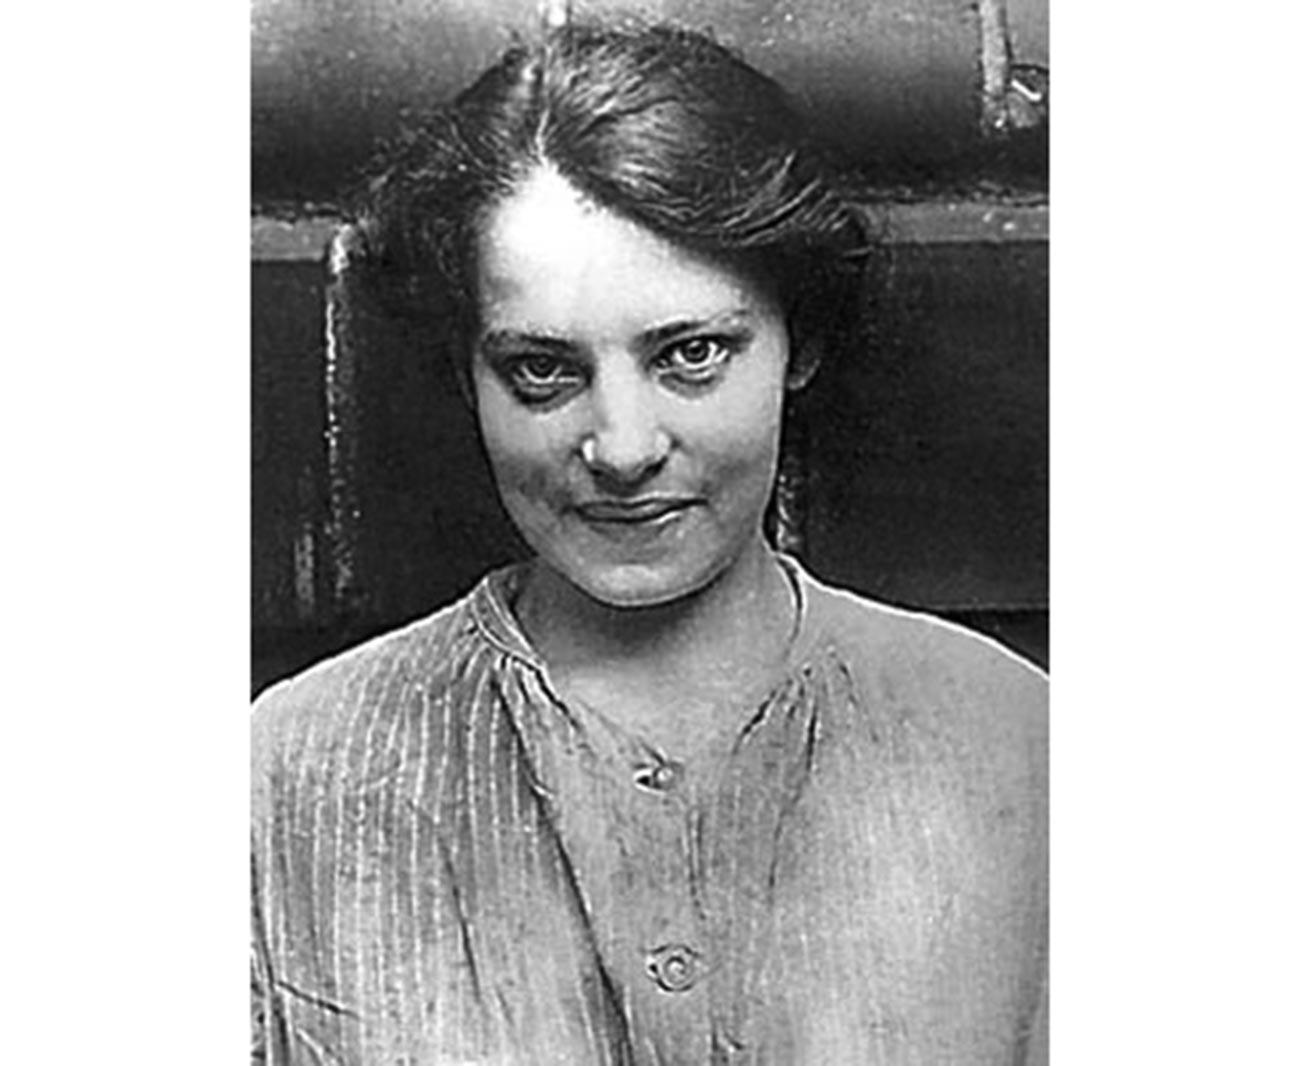 アンナ・アンダーソン、1920年